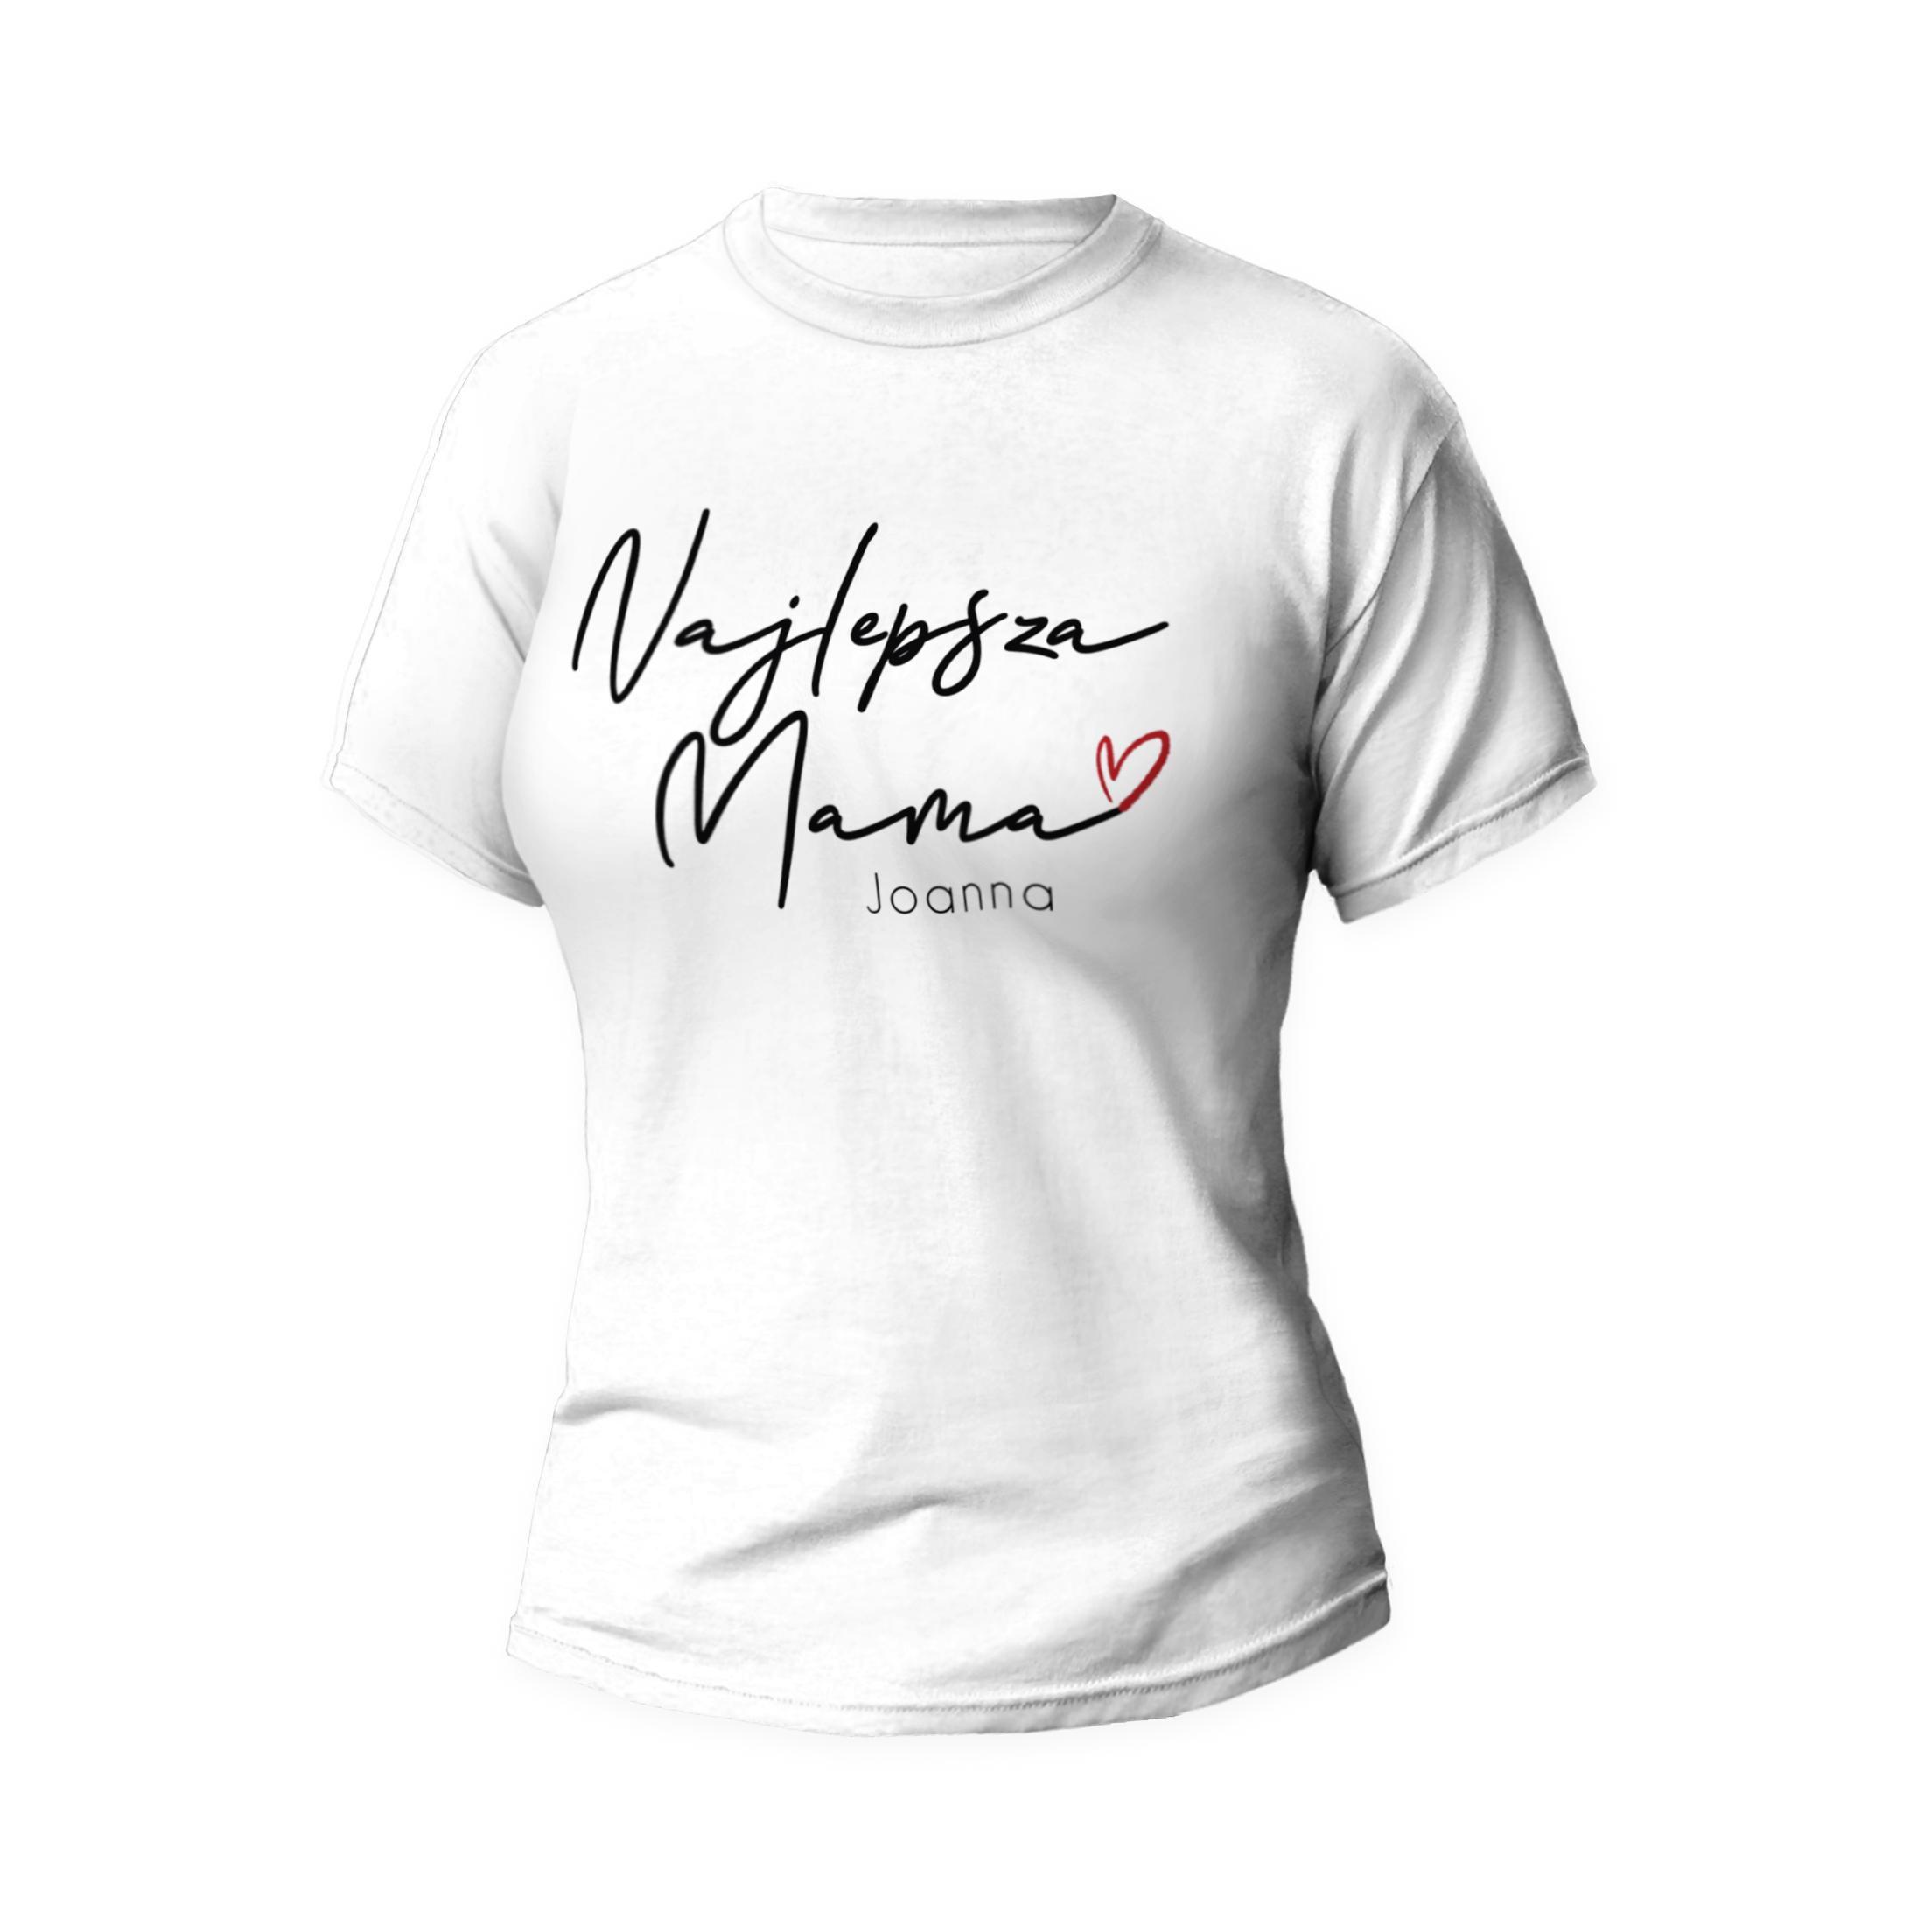 Rozmiar XXL - koszulka damska z własnym nadrukiem - Najlepsza mama - biała